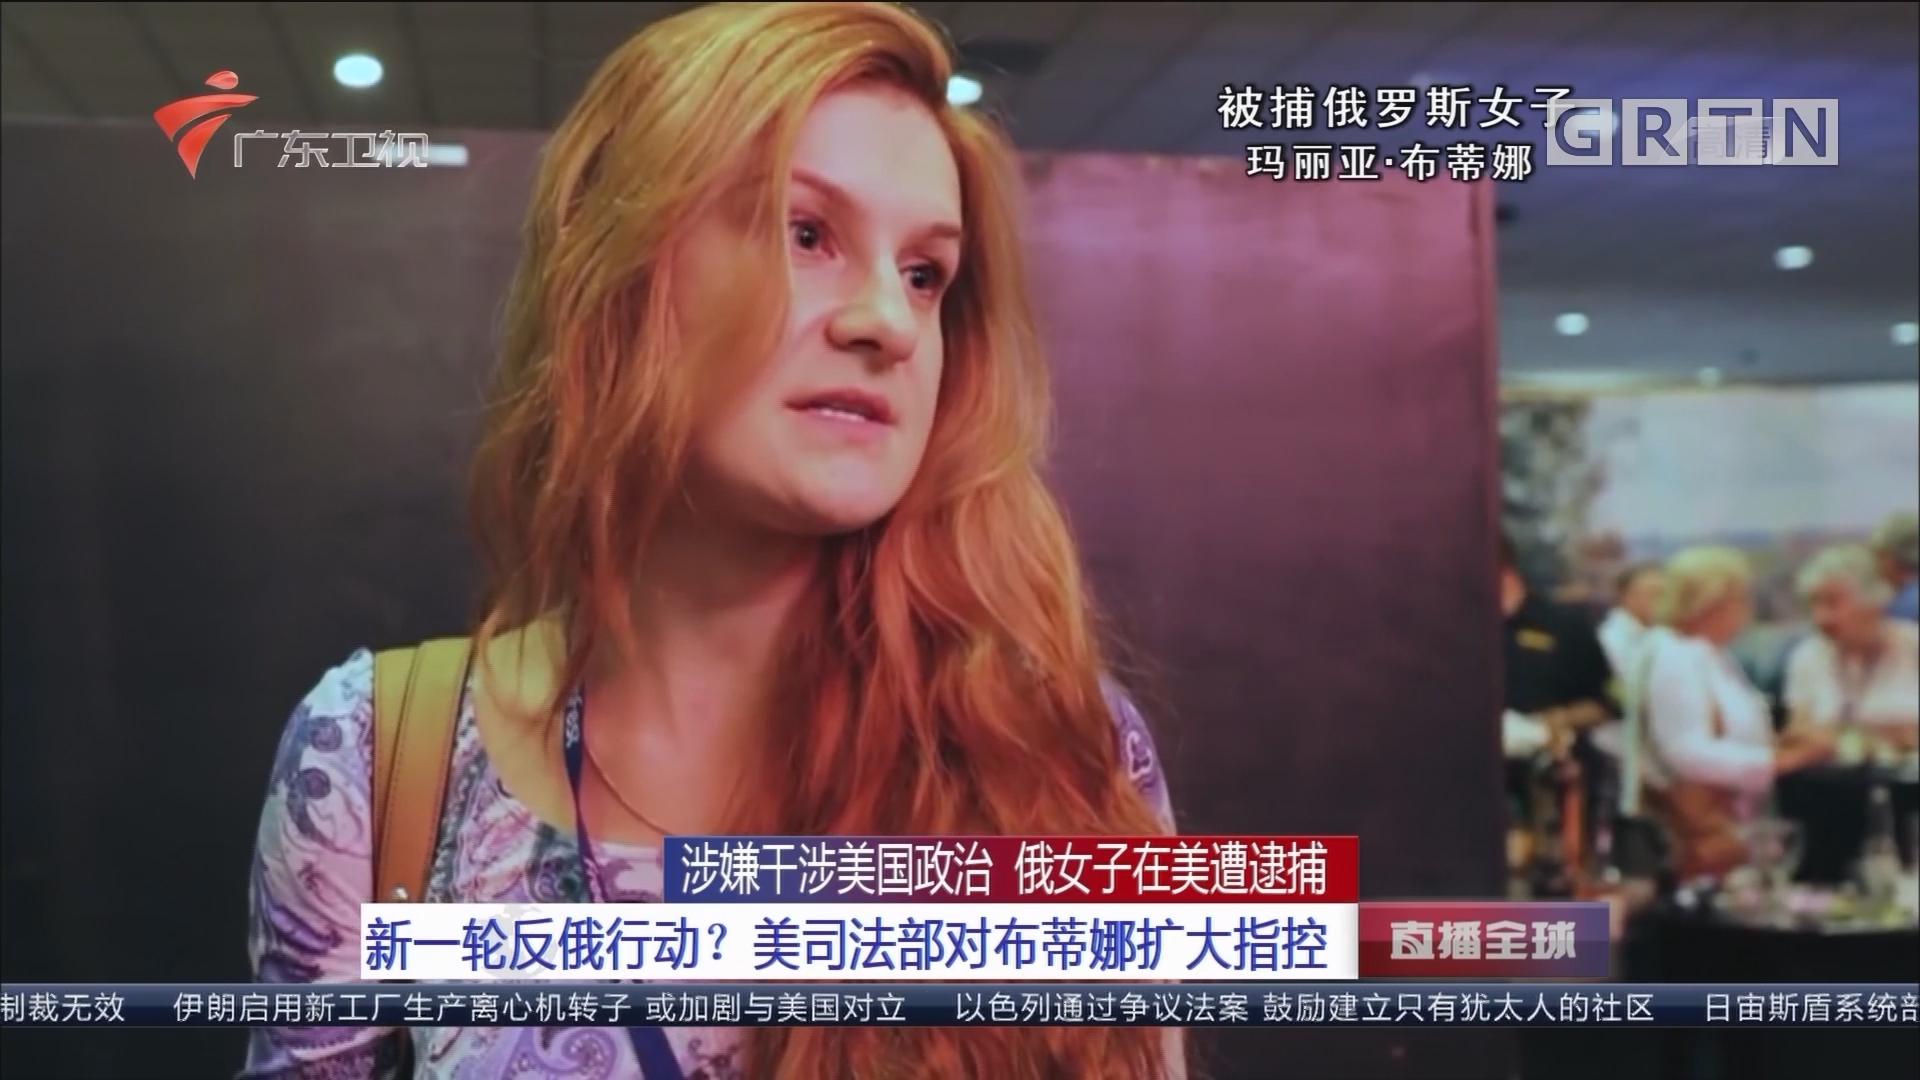 涉嫌干涉美国政治 俄女子在美遭逮捕 新一轮反俄行动?美司法部对布蒂娜扩大指控